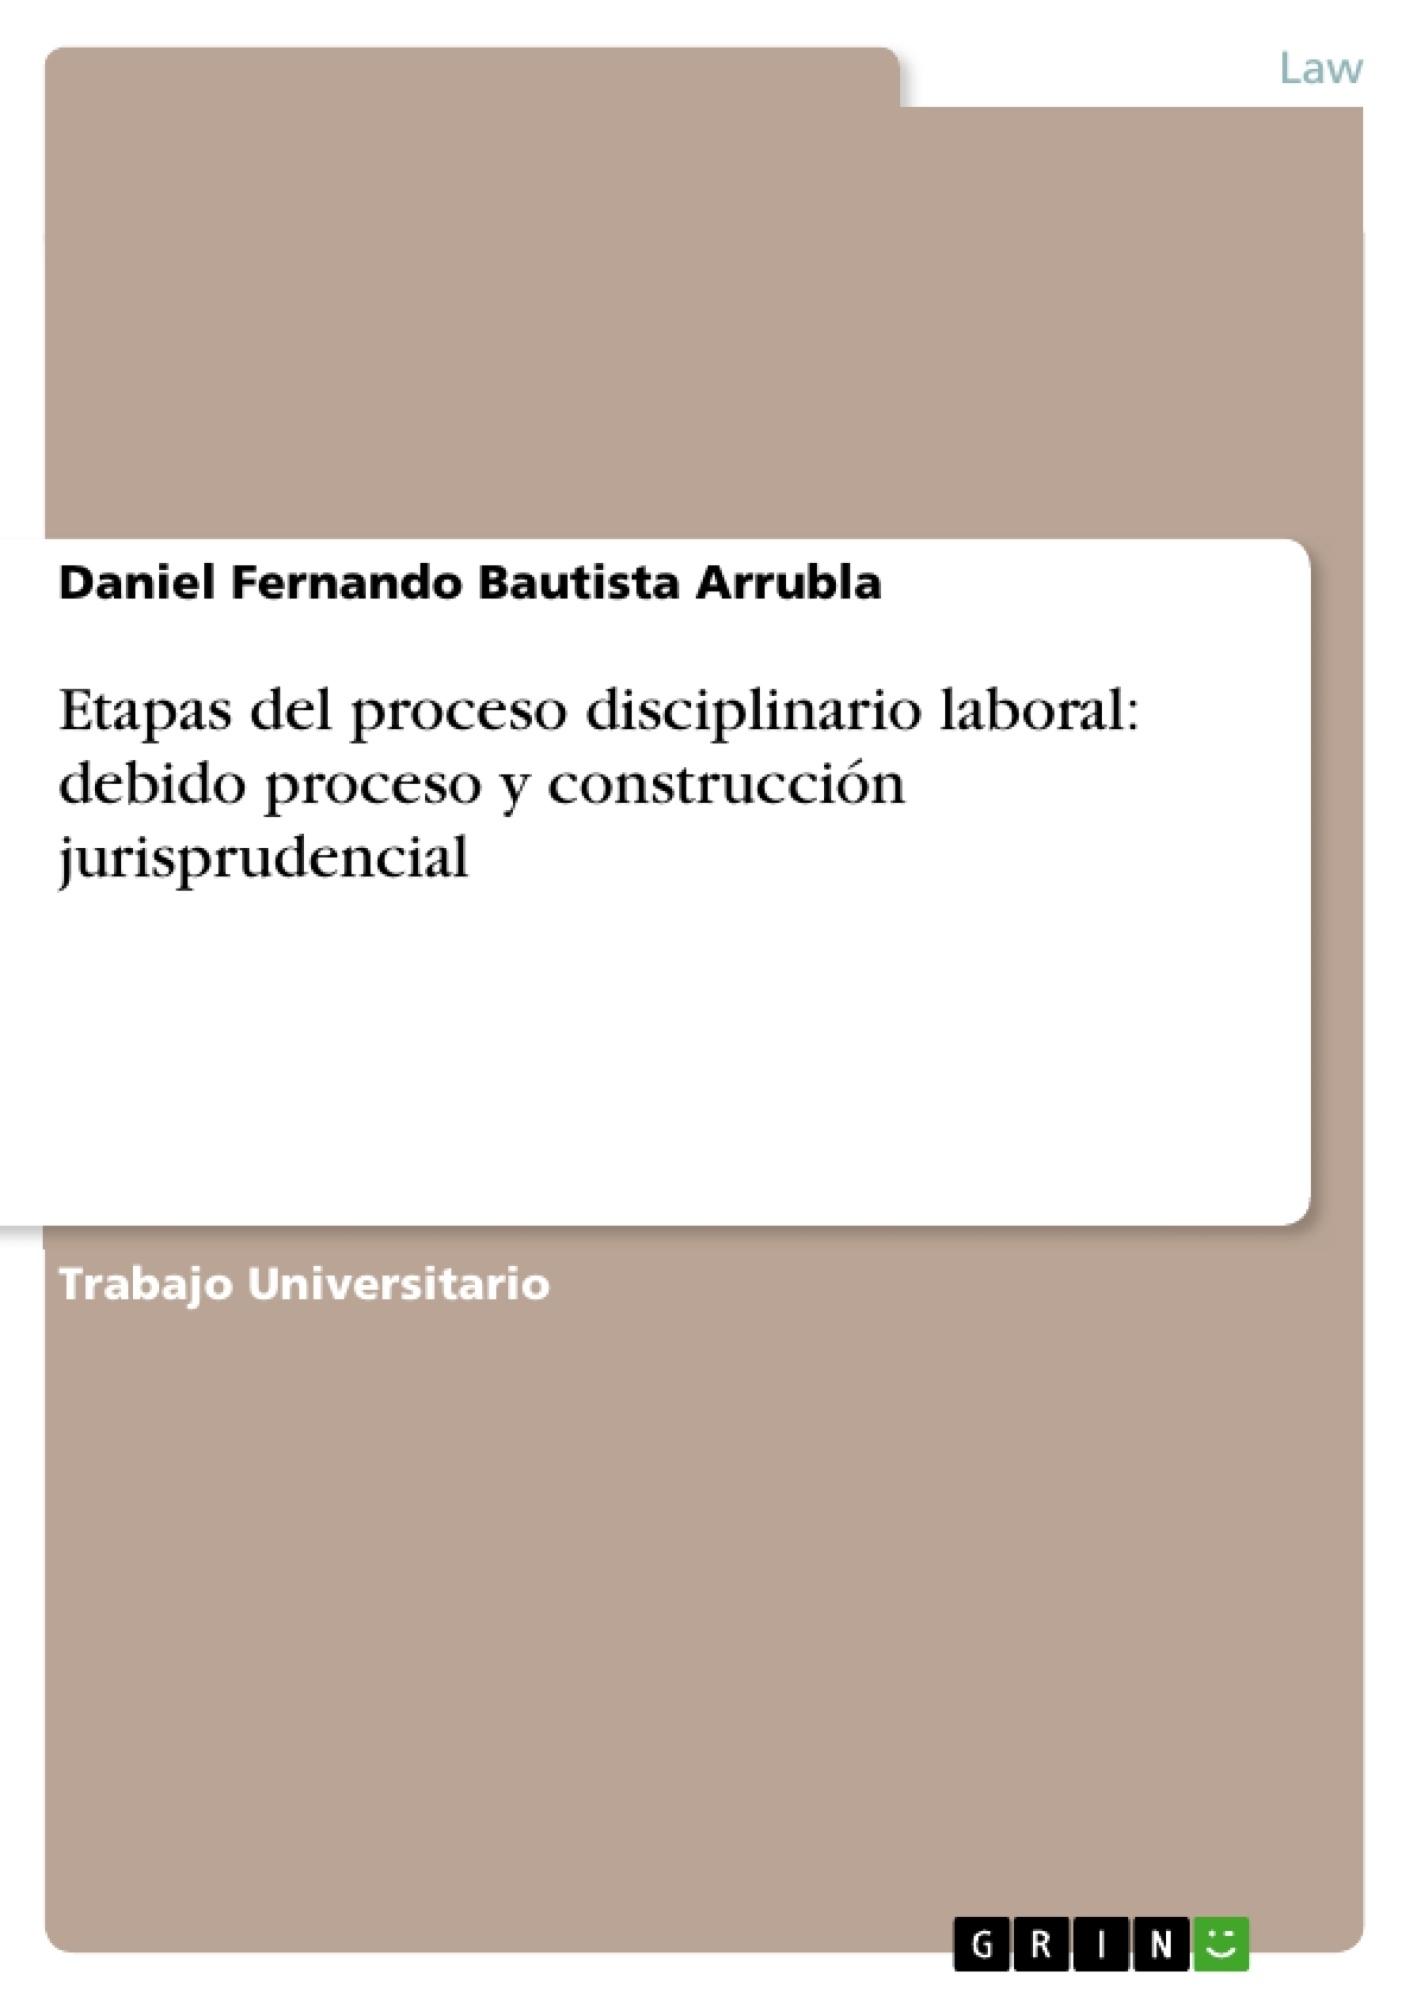 Título: Etapas del proceso disciplinario laboral: debido proceso y construcción jurisprudencial